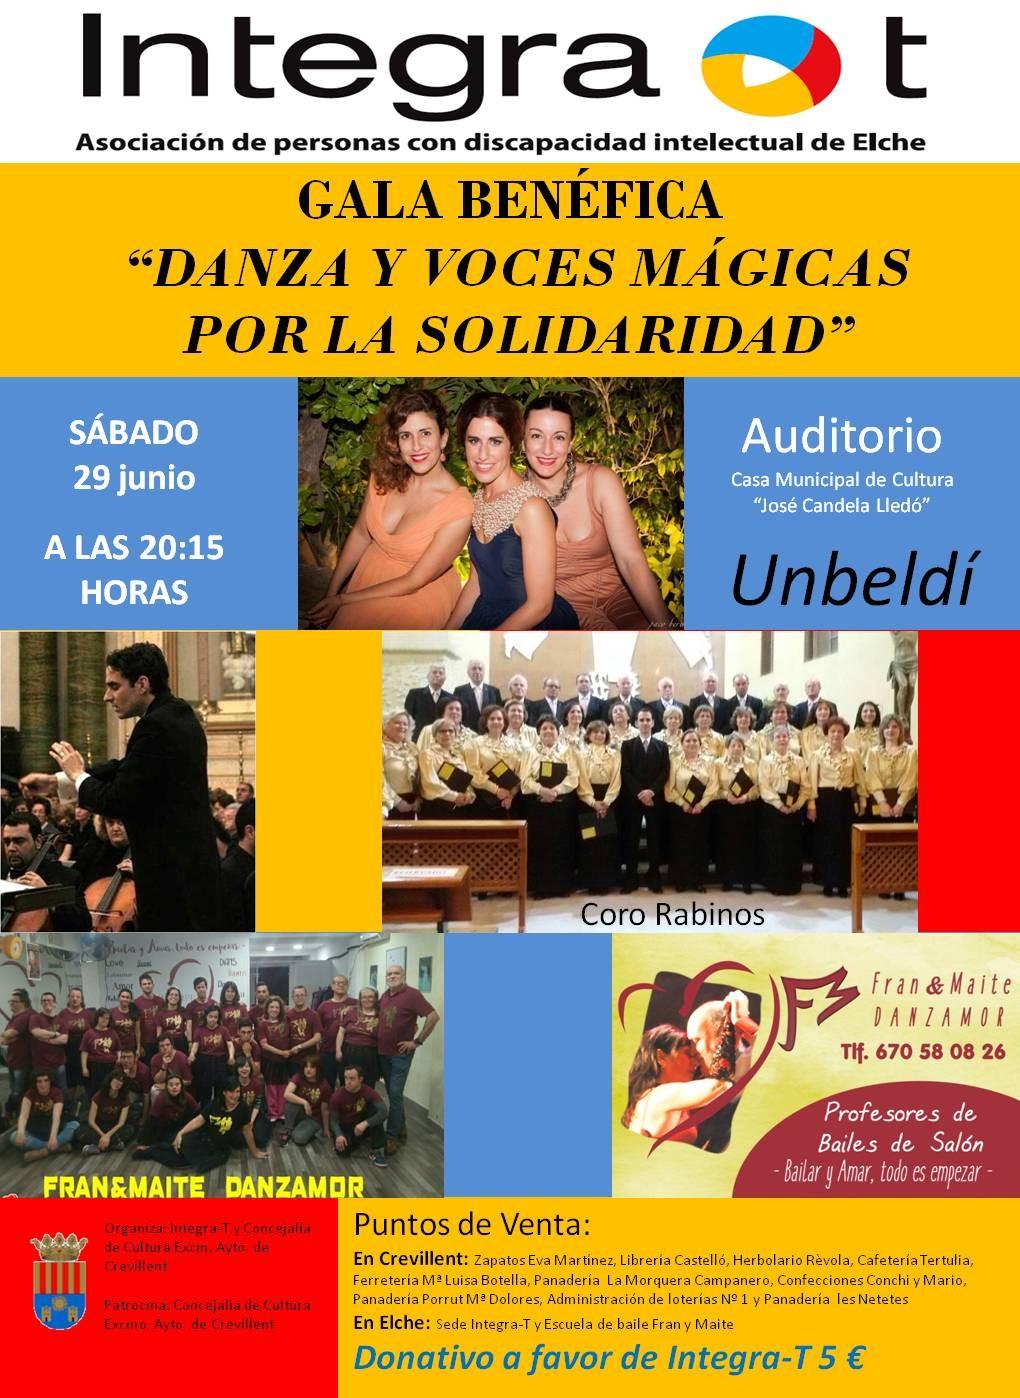 """La gala benéfica """"Danza y Voces Mágicas por la solidaridad"""" se celebrará este sábado en el Auditorio de la Casa Municipal de Cultura"""